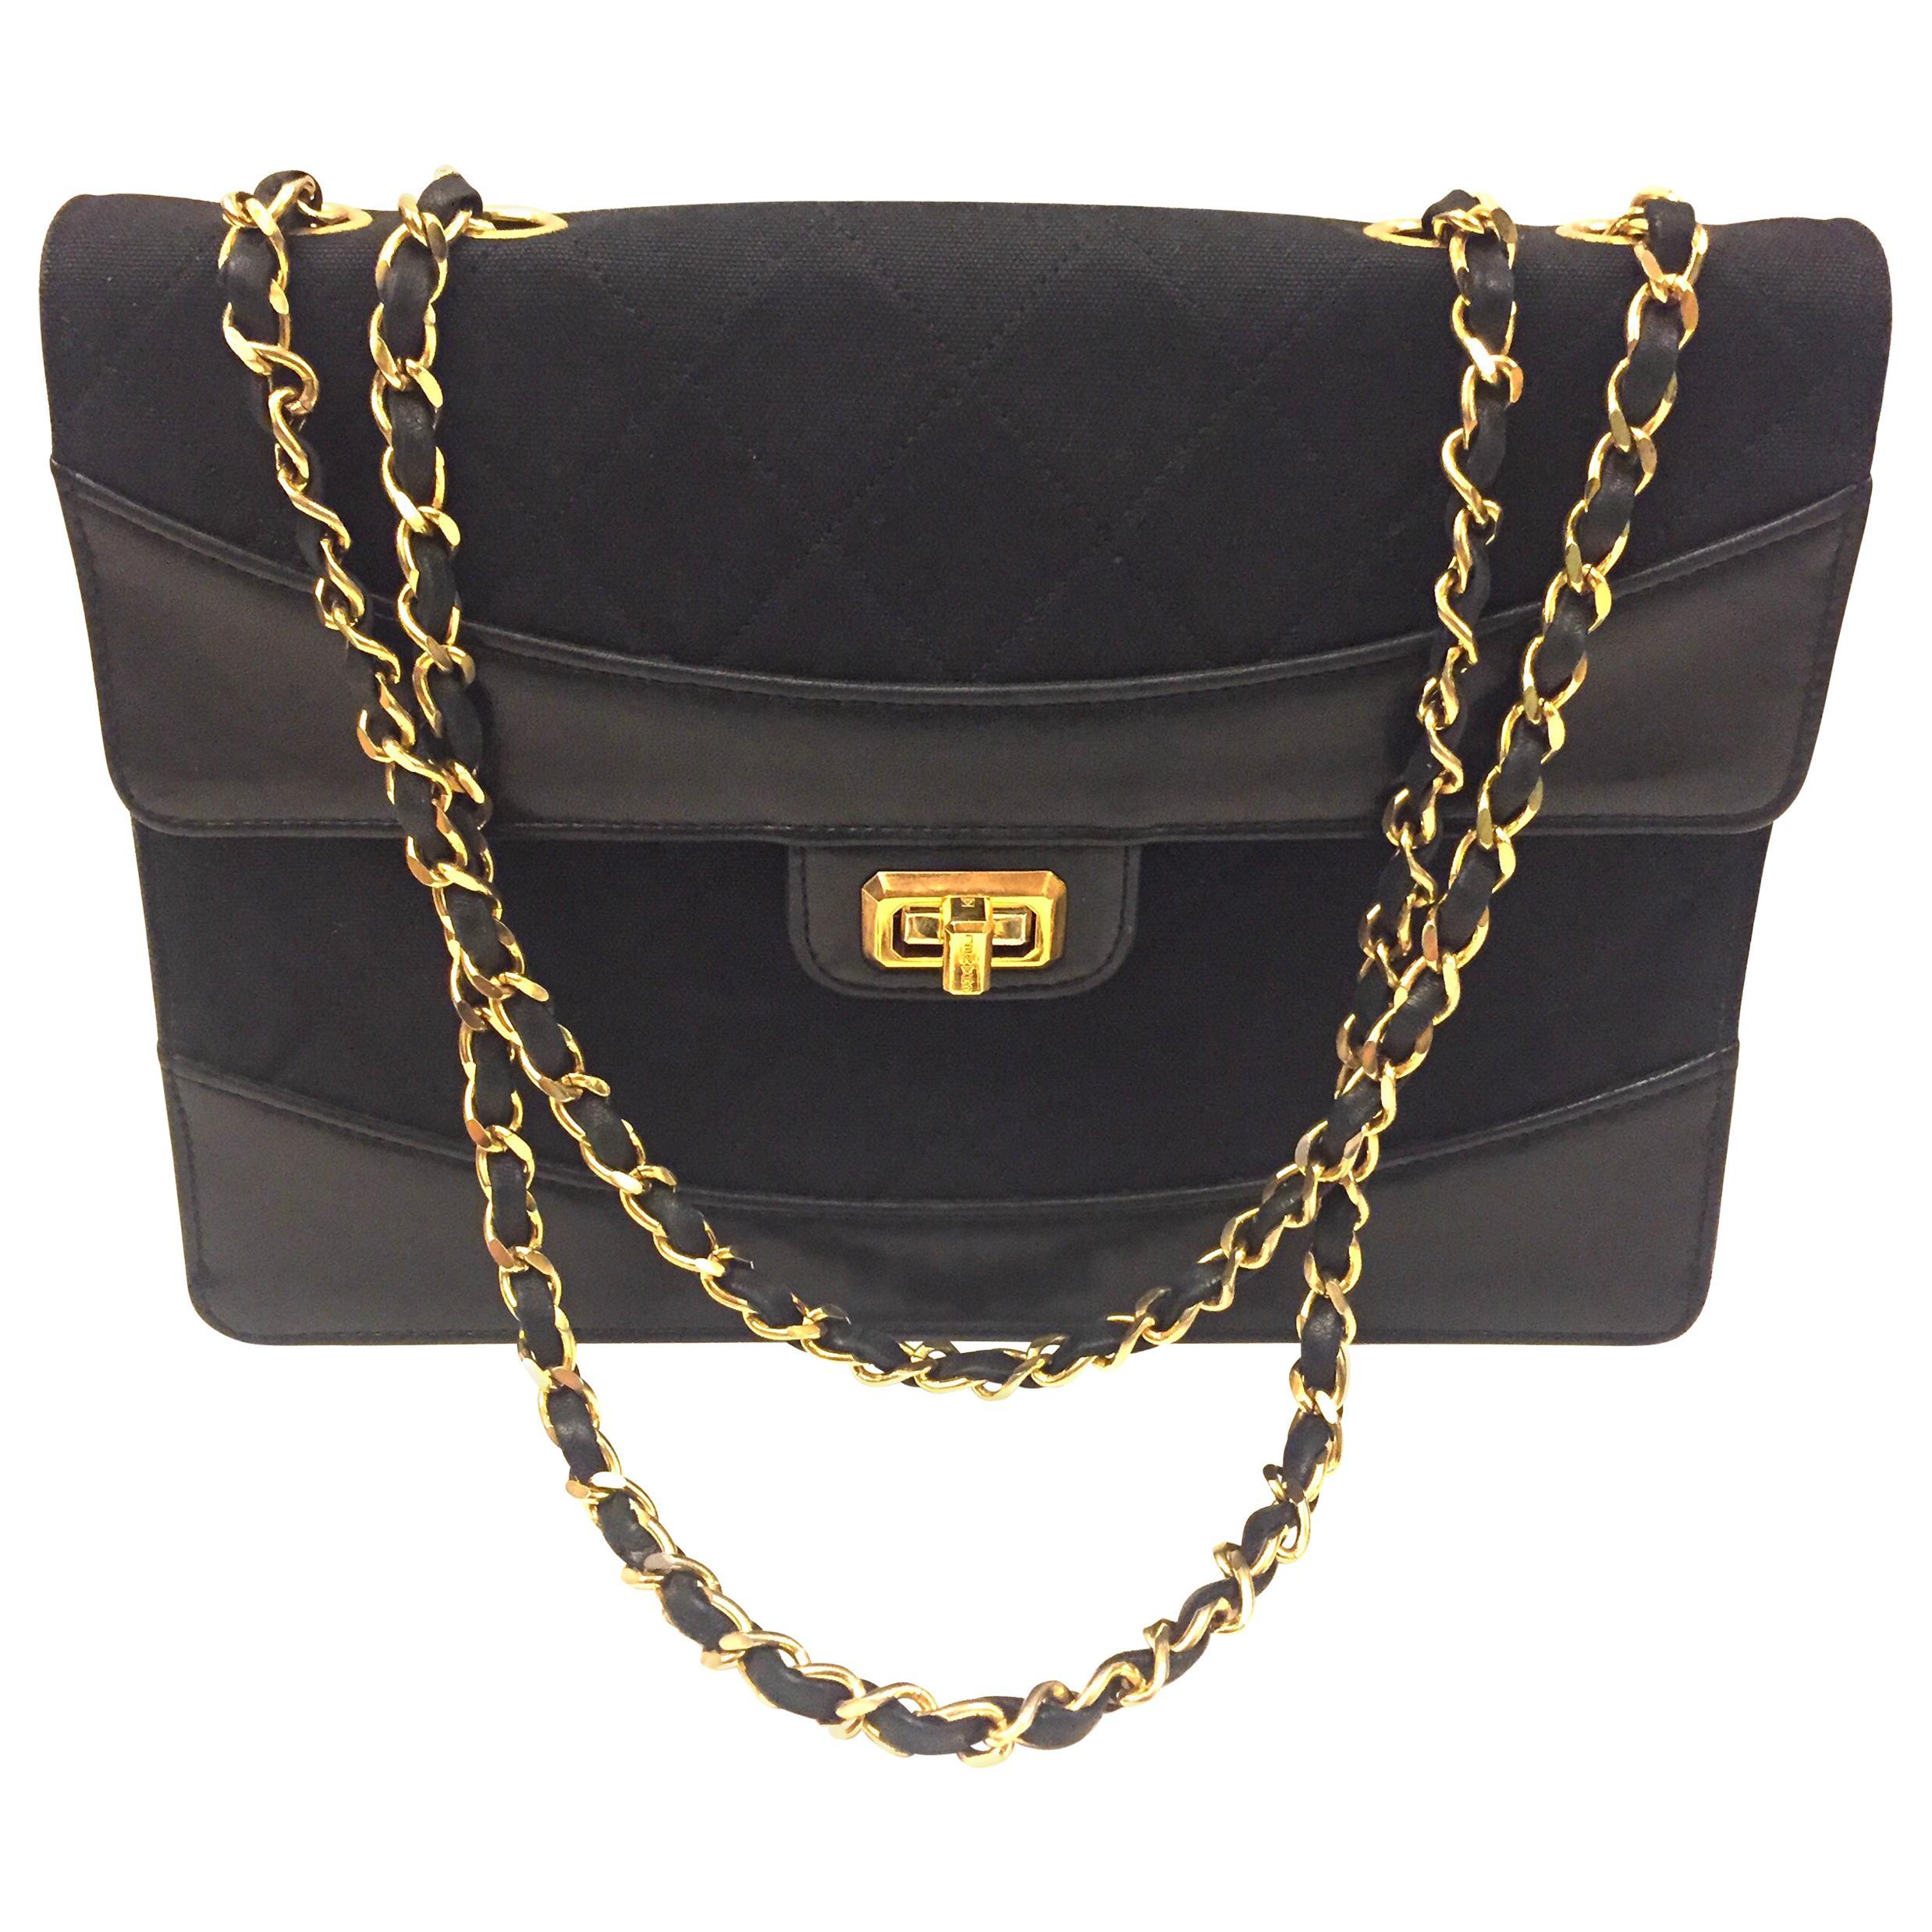 Chanel black canvas/leather shoulder bag